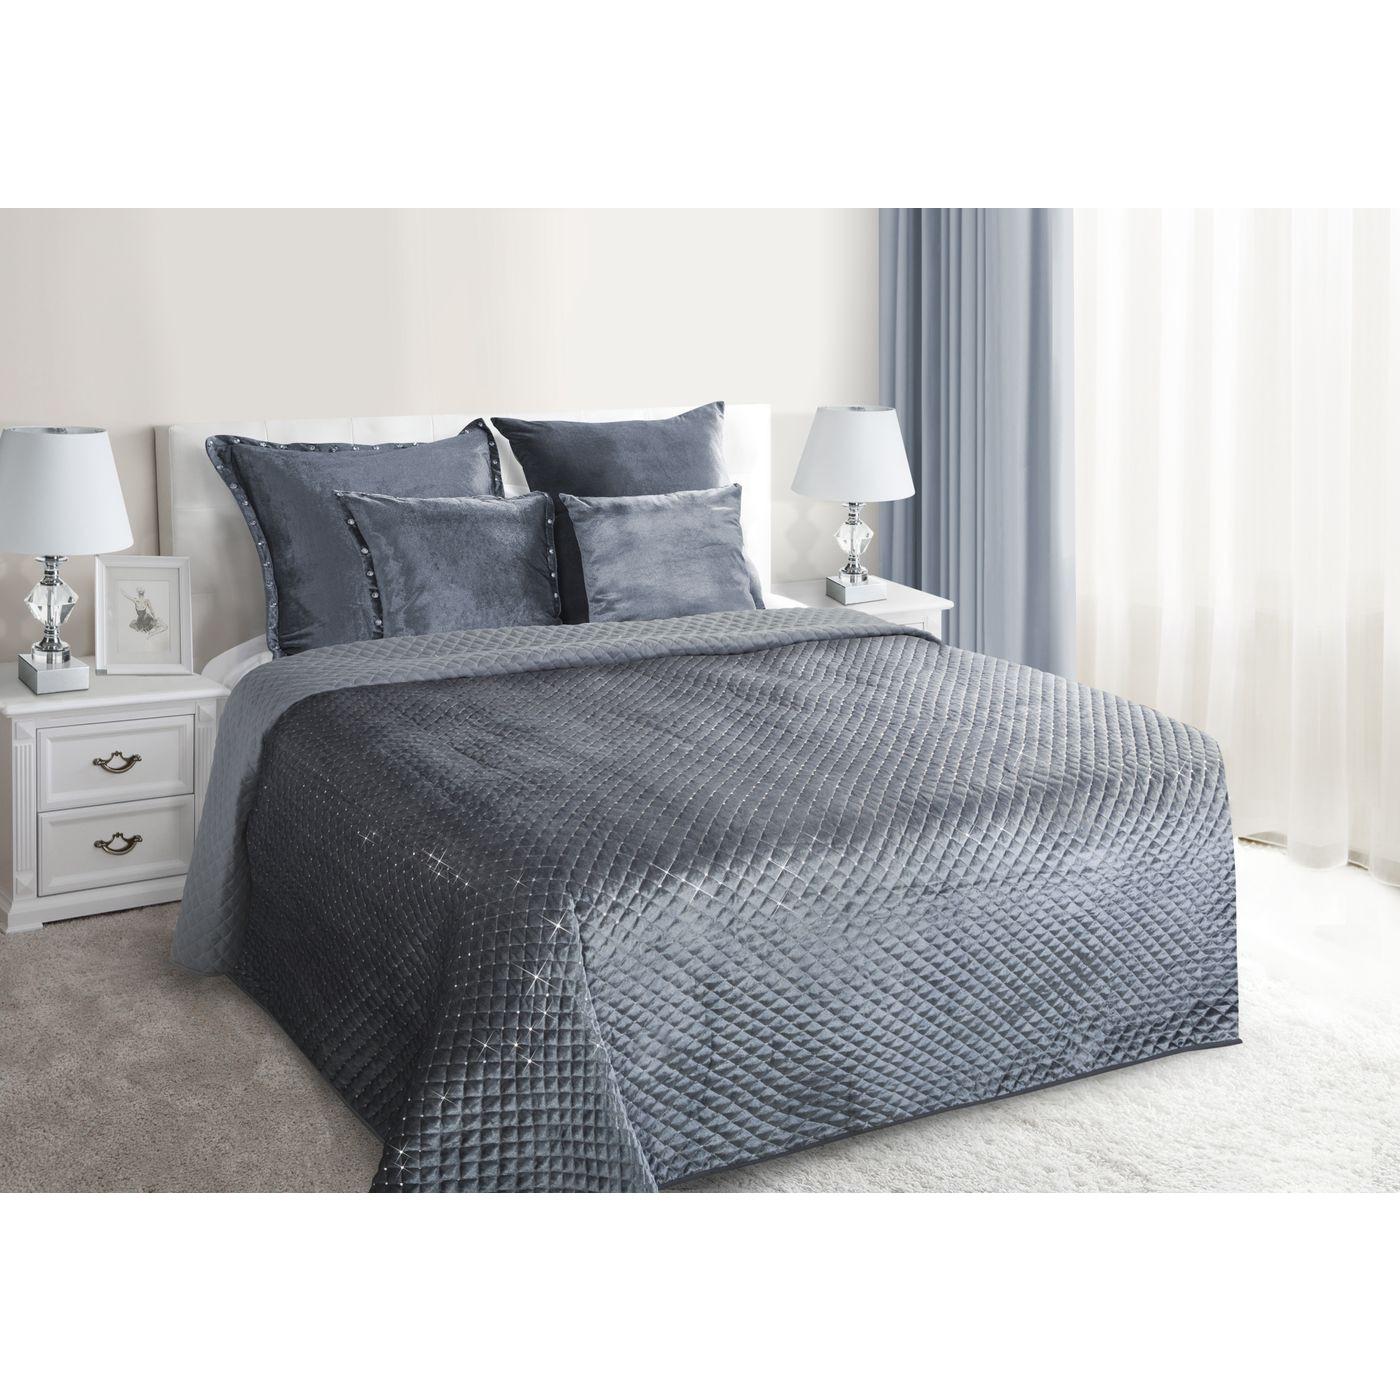 Narzuta na łóżko pikowana zdobiona cekinami 170x210 cm stalowa